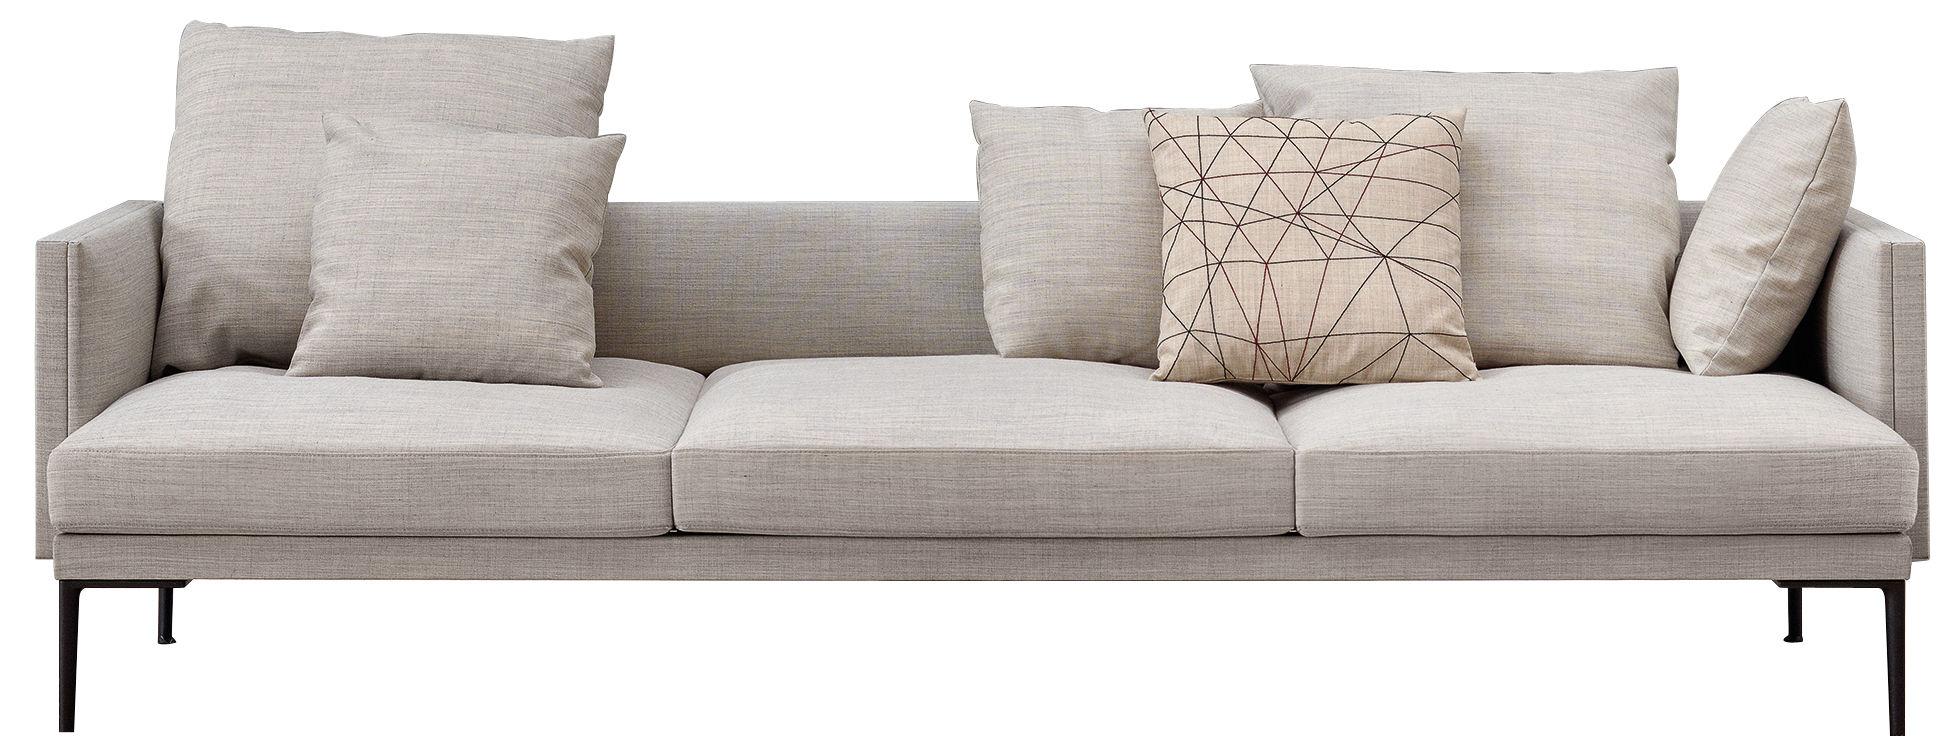 Mobilier - Canapés - Canapé droit Steeve / Tissu 3 places - L 243 cm - Avec accoudoirs - Arper - Tissu écru - Aluminium, Tissu